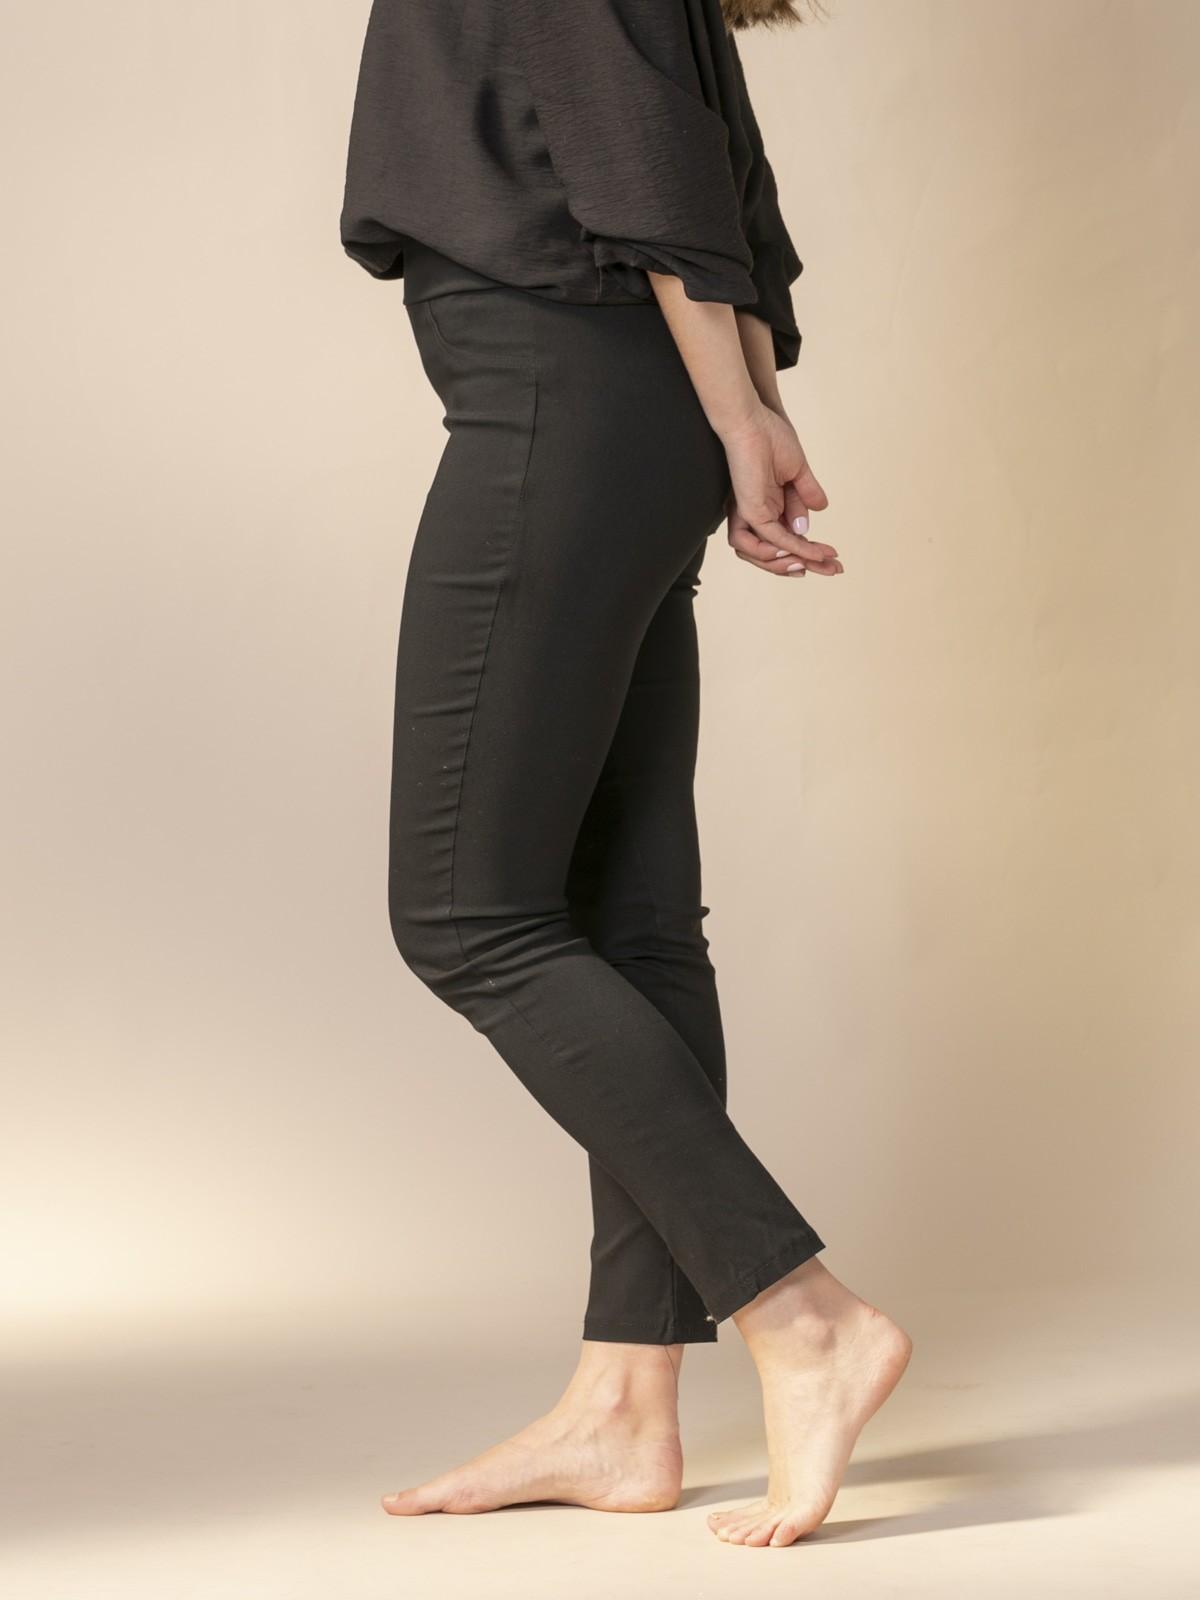 Pantalón mujer slim fit super cofort Negro